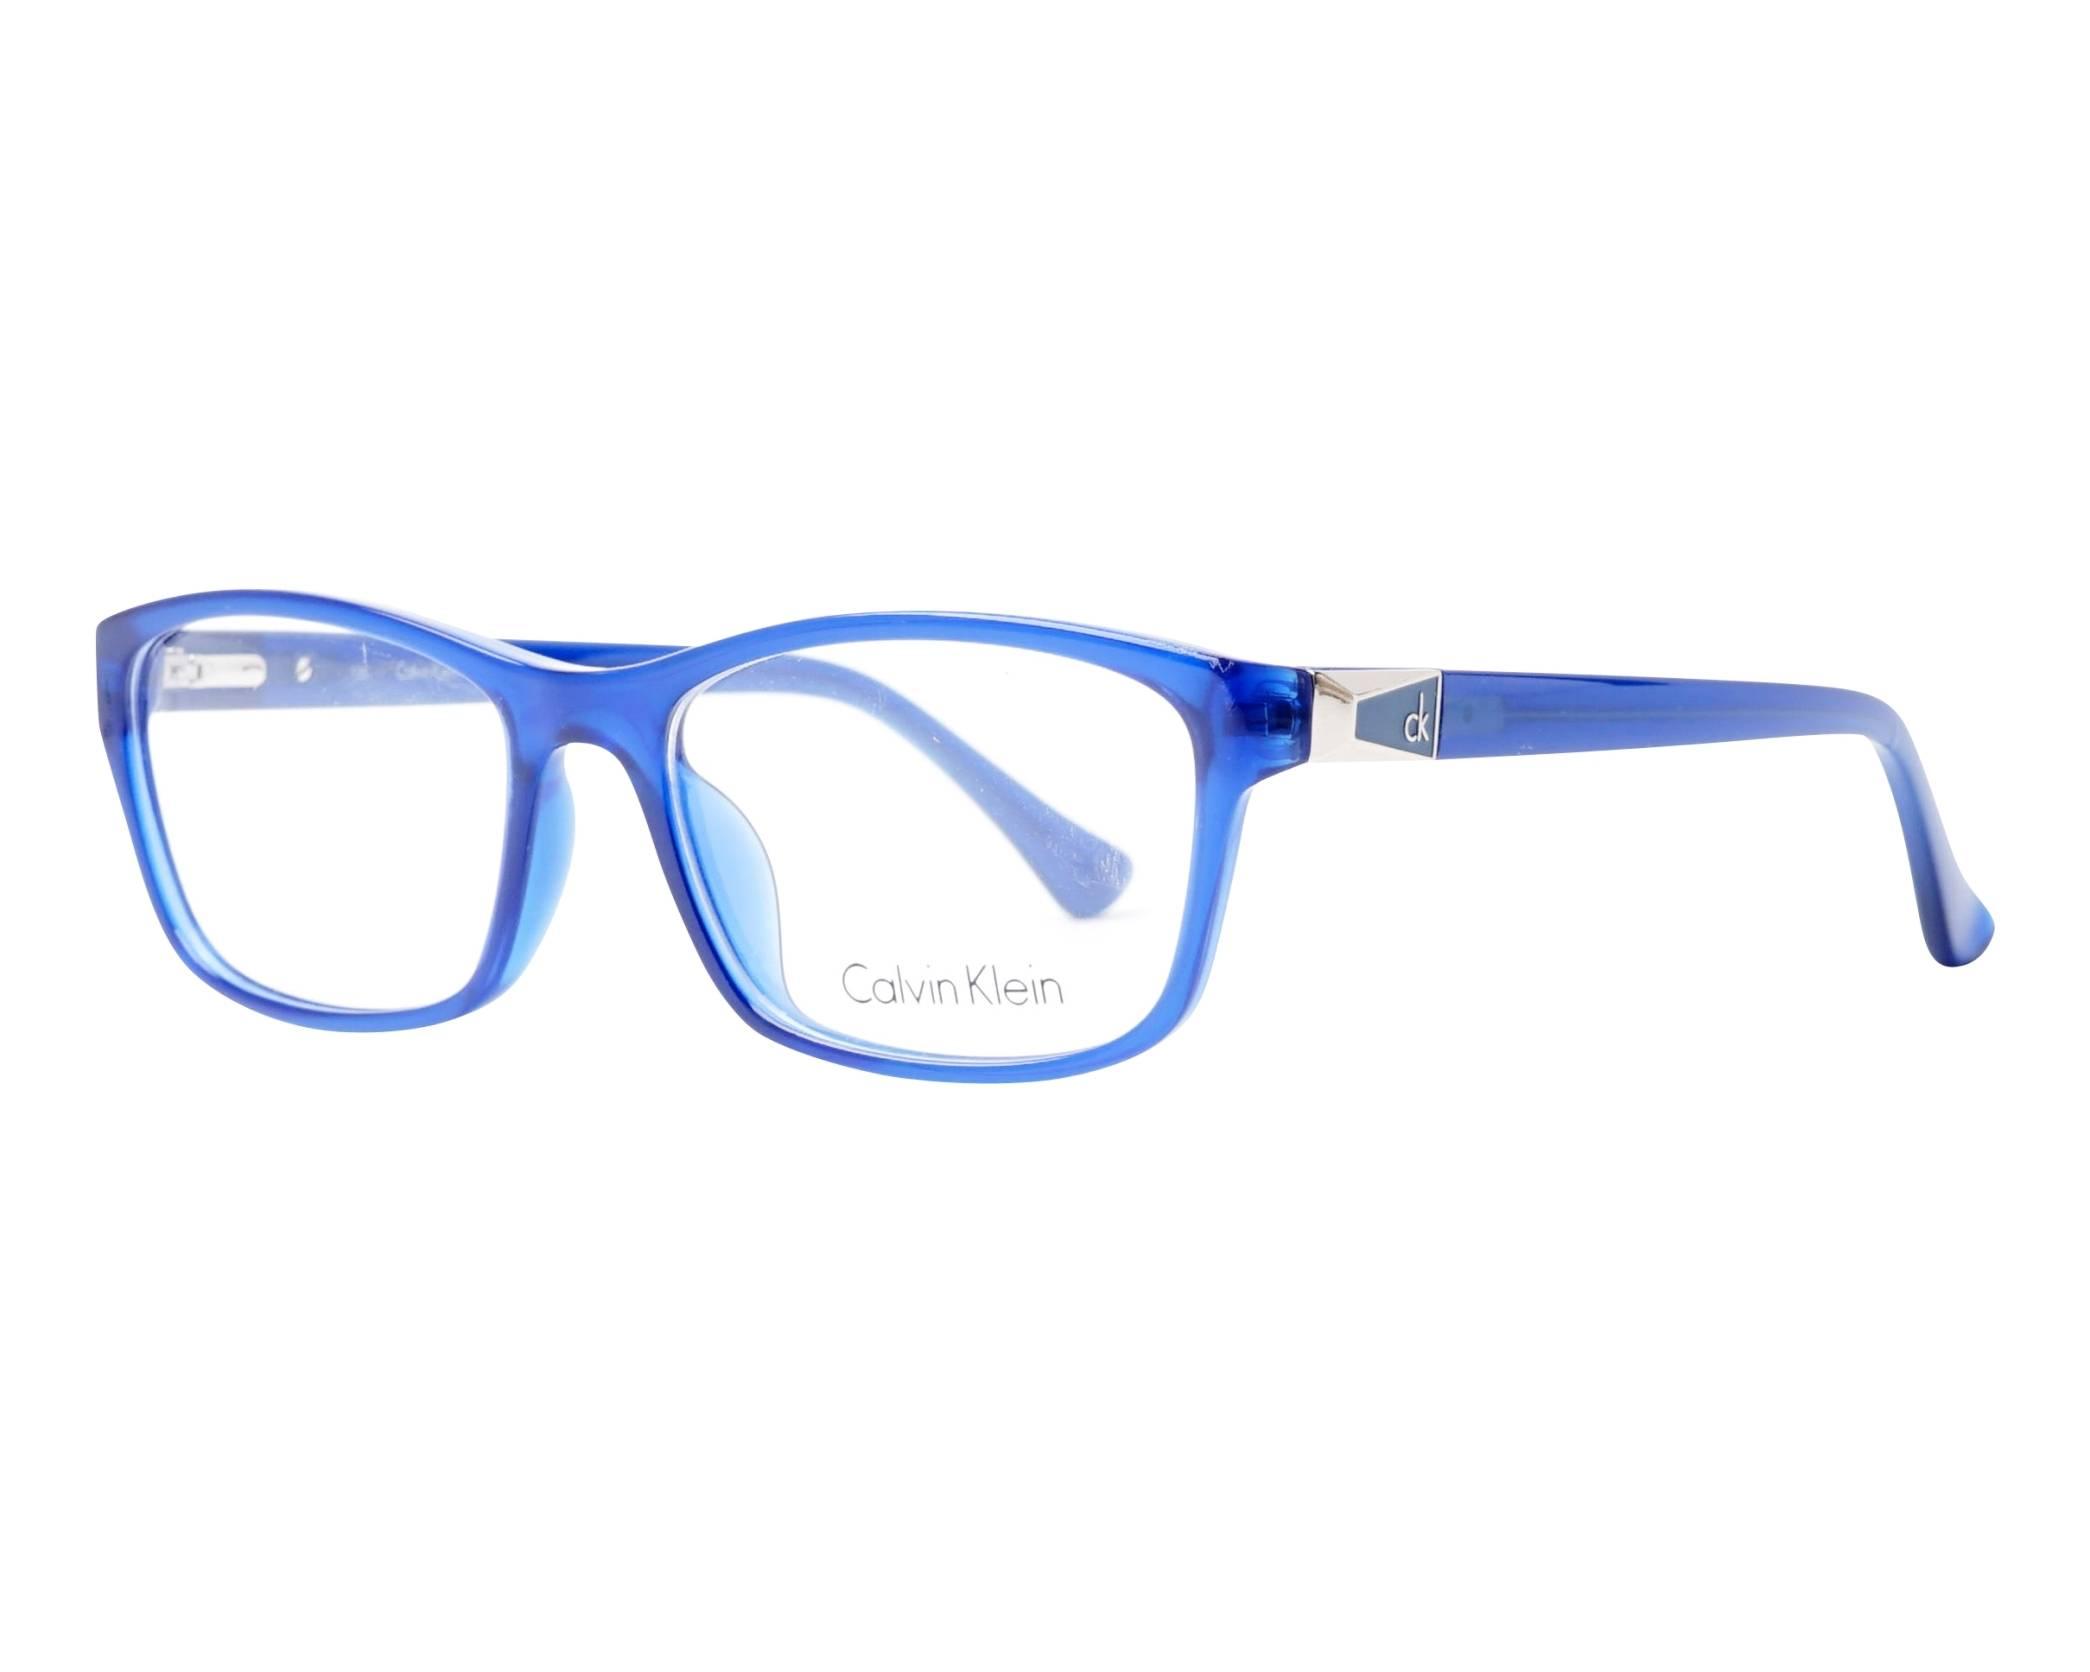 82ff2c4e69 Gafas Graduadas Calvin Klein CK-5861 424 53-17 Azul vista de perfil